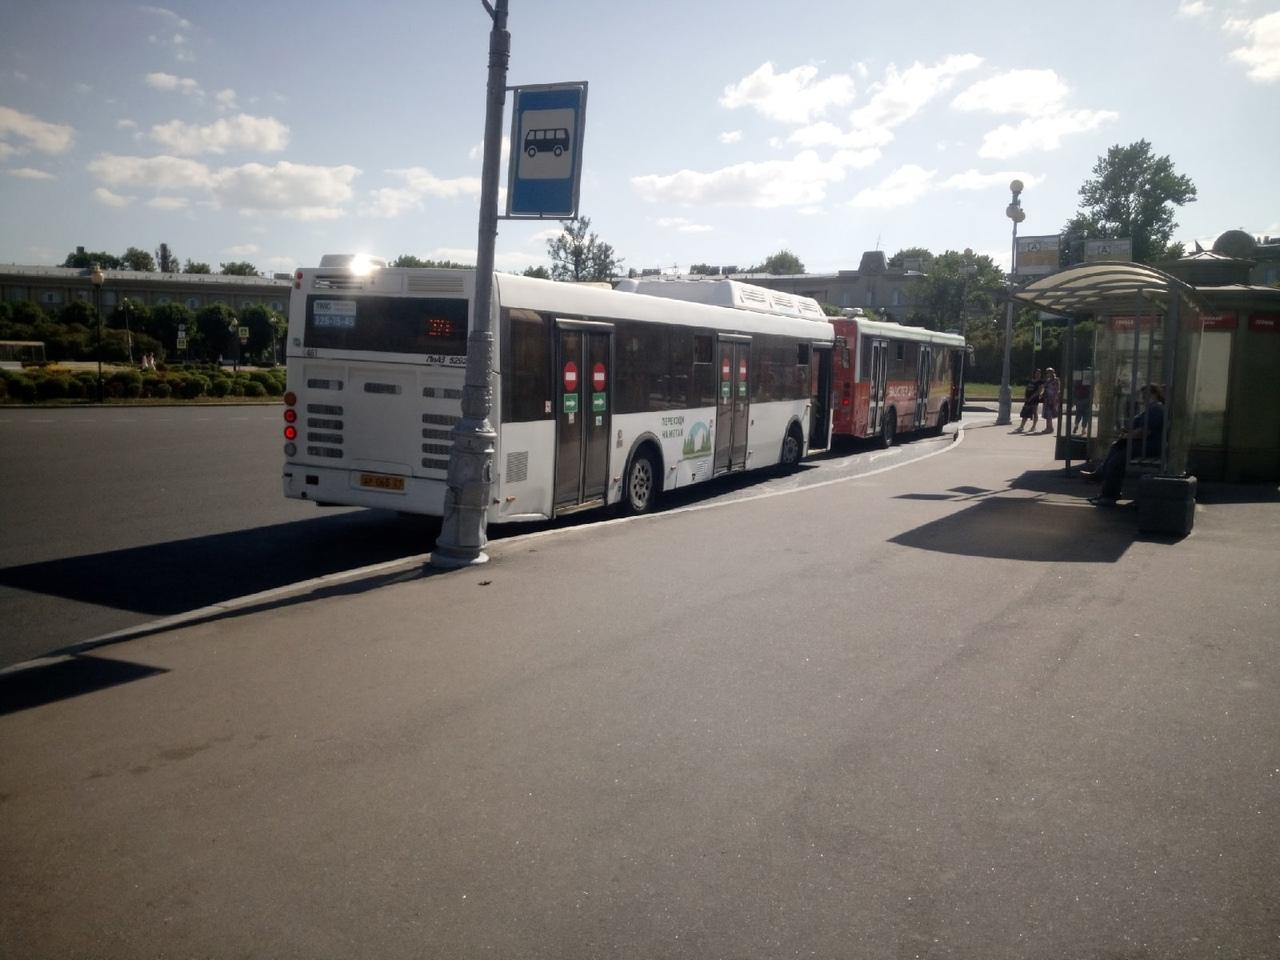 Пушкин, автобус при повороте от конечной на площадь у вокзала Царское Село бортом (подножка средней ...